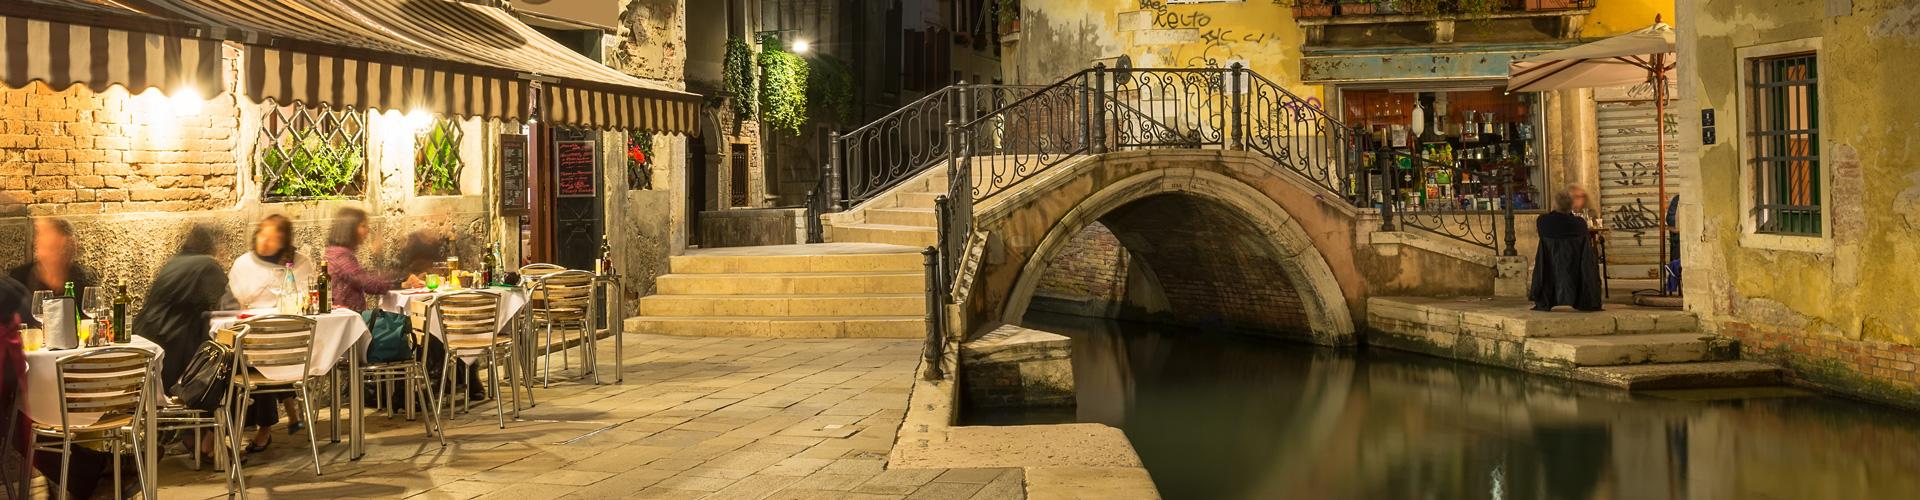 Venice to Vienna